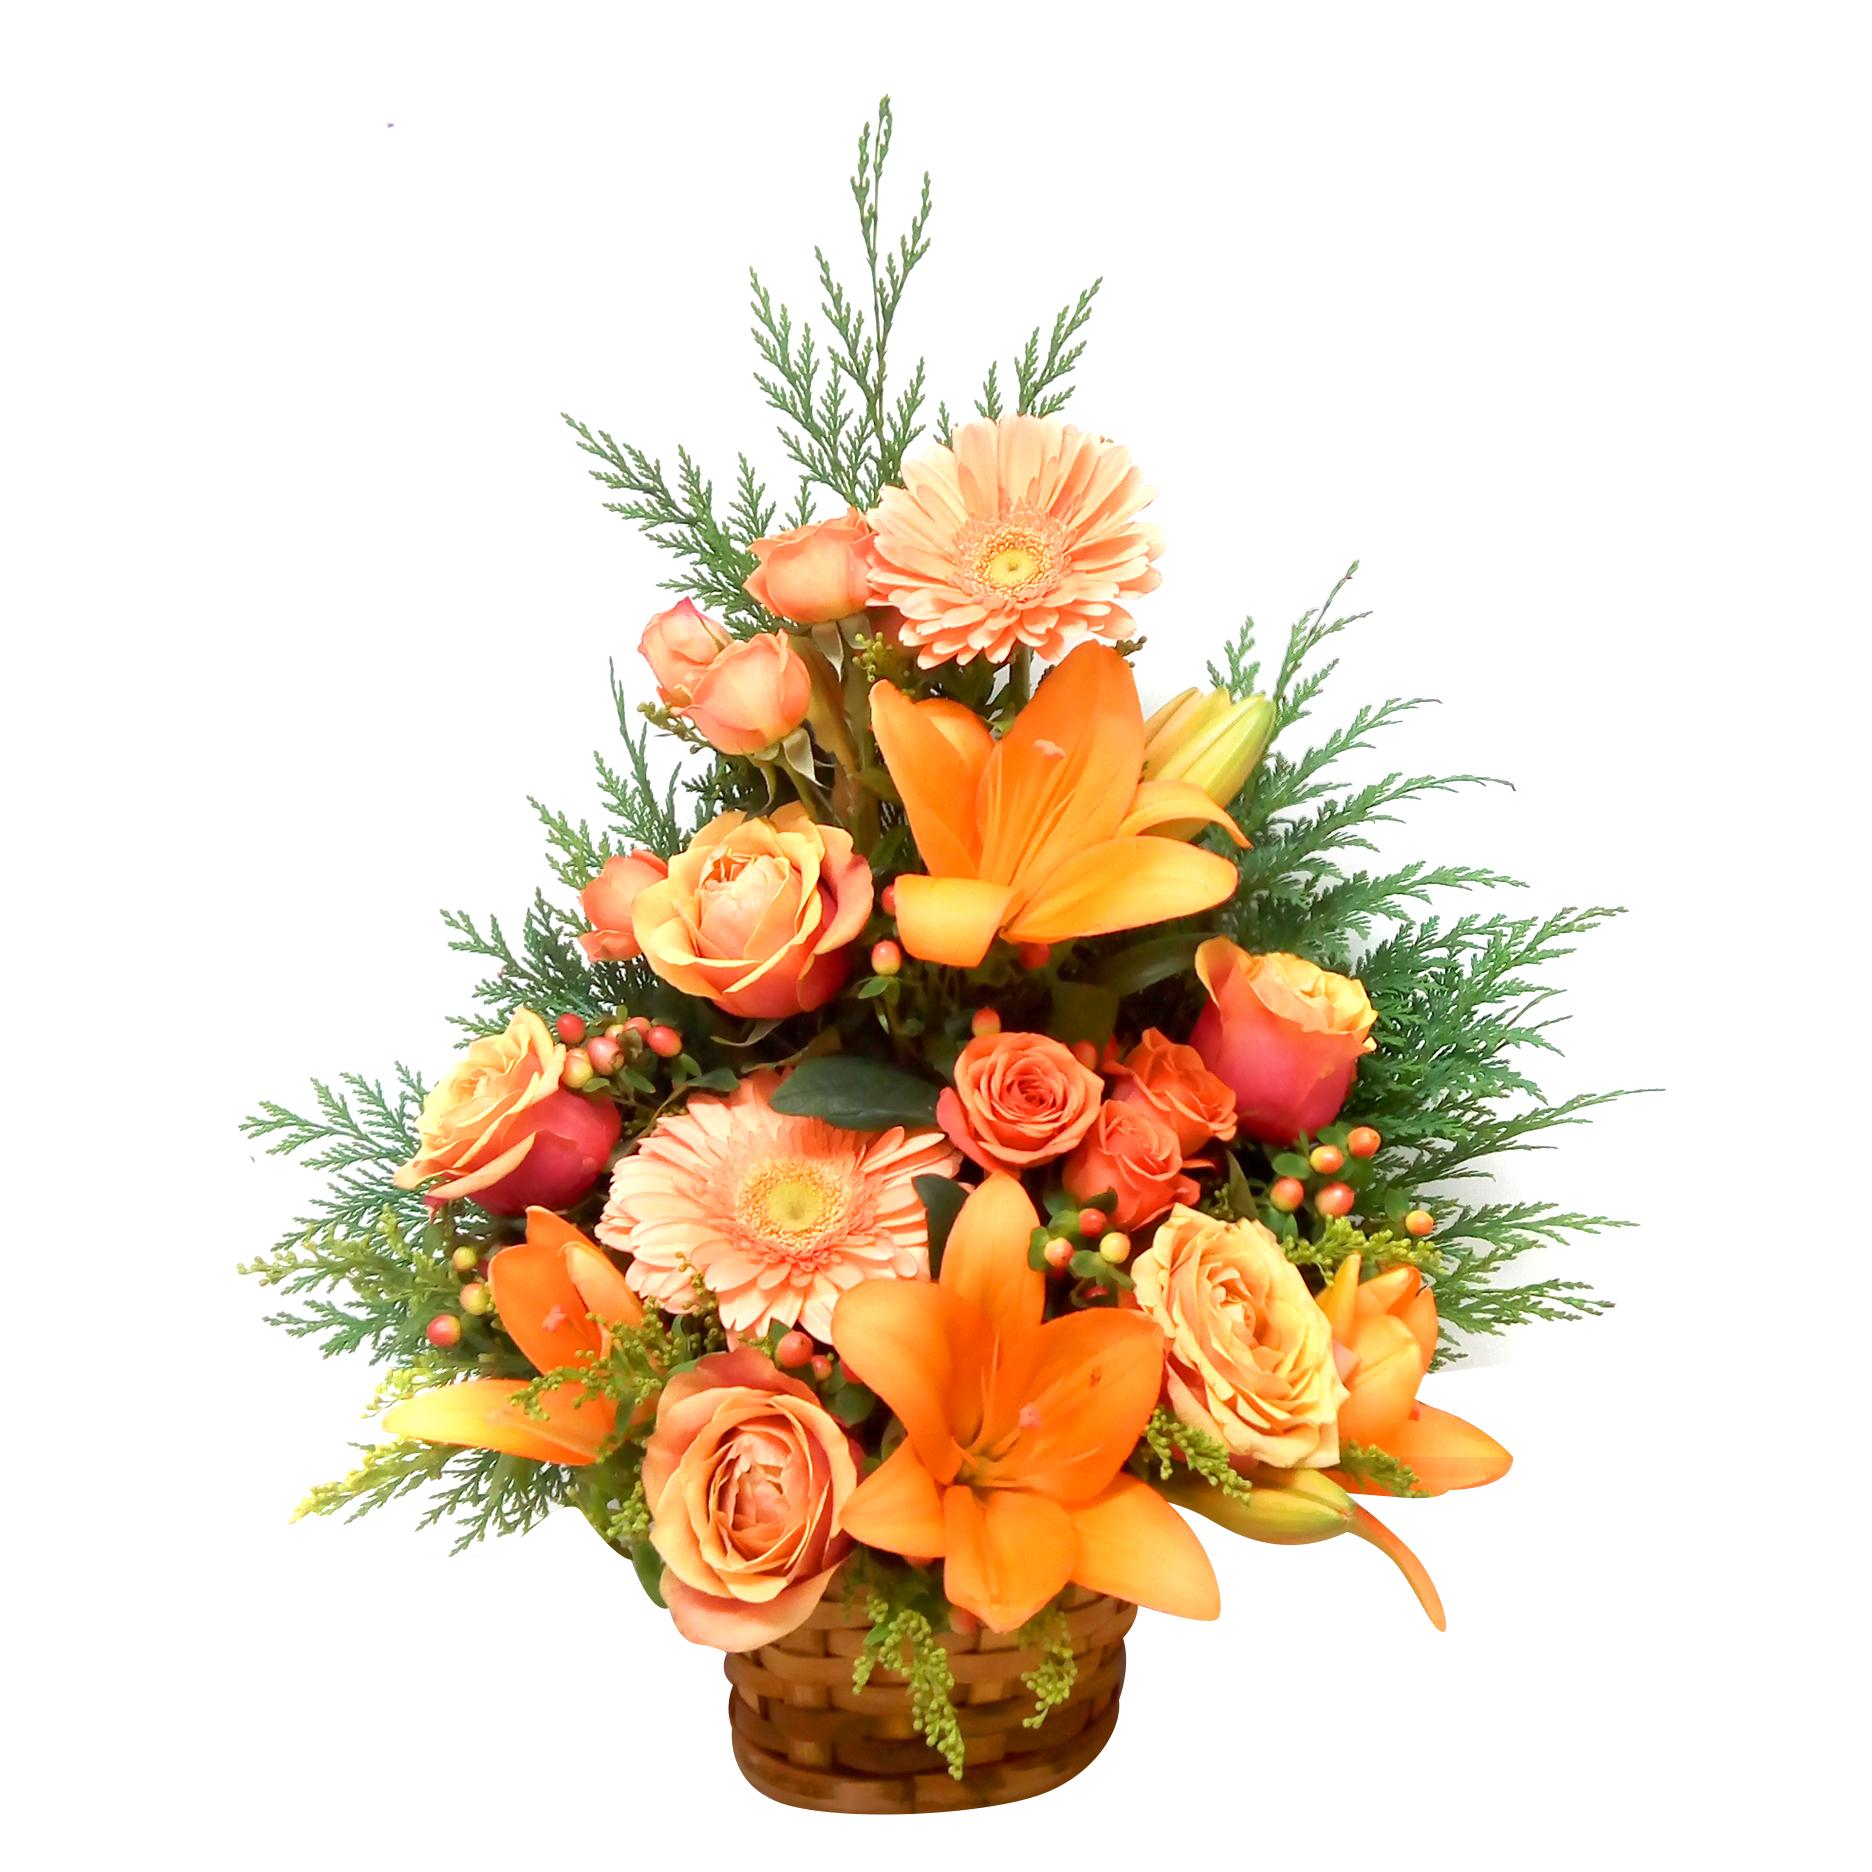 Canastillos con Gerberas, Lilium, Rosas y Mini Rosas